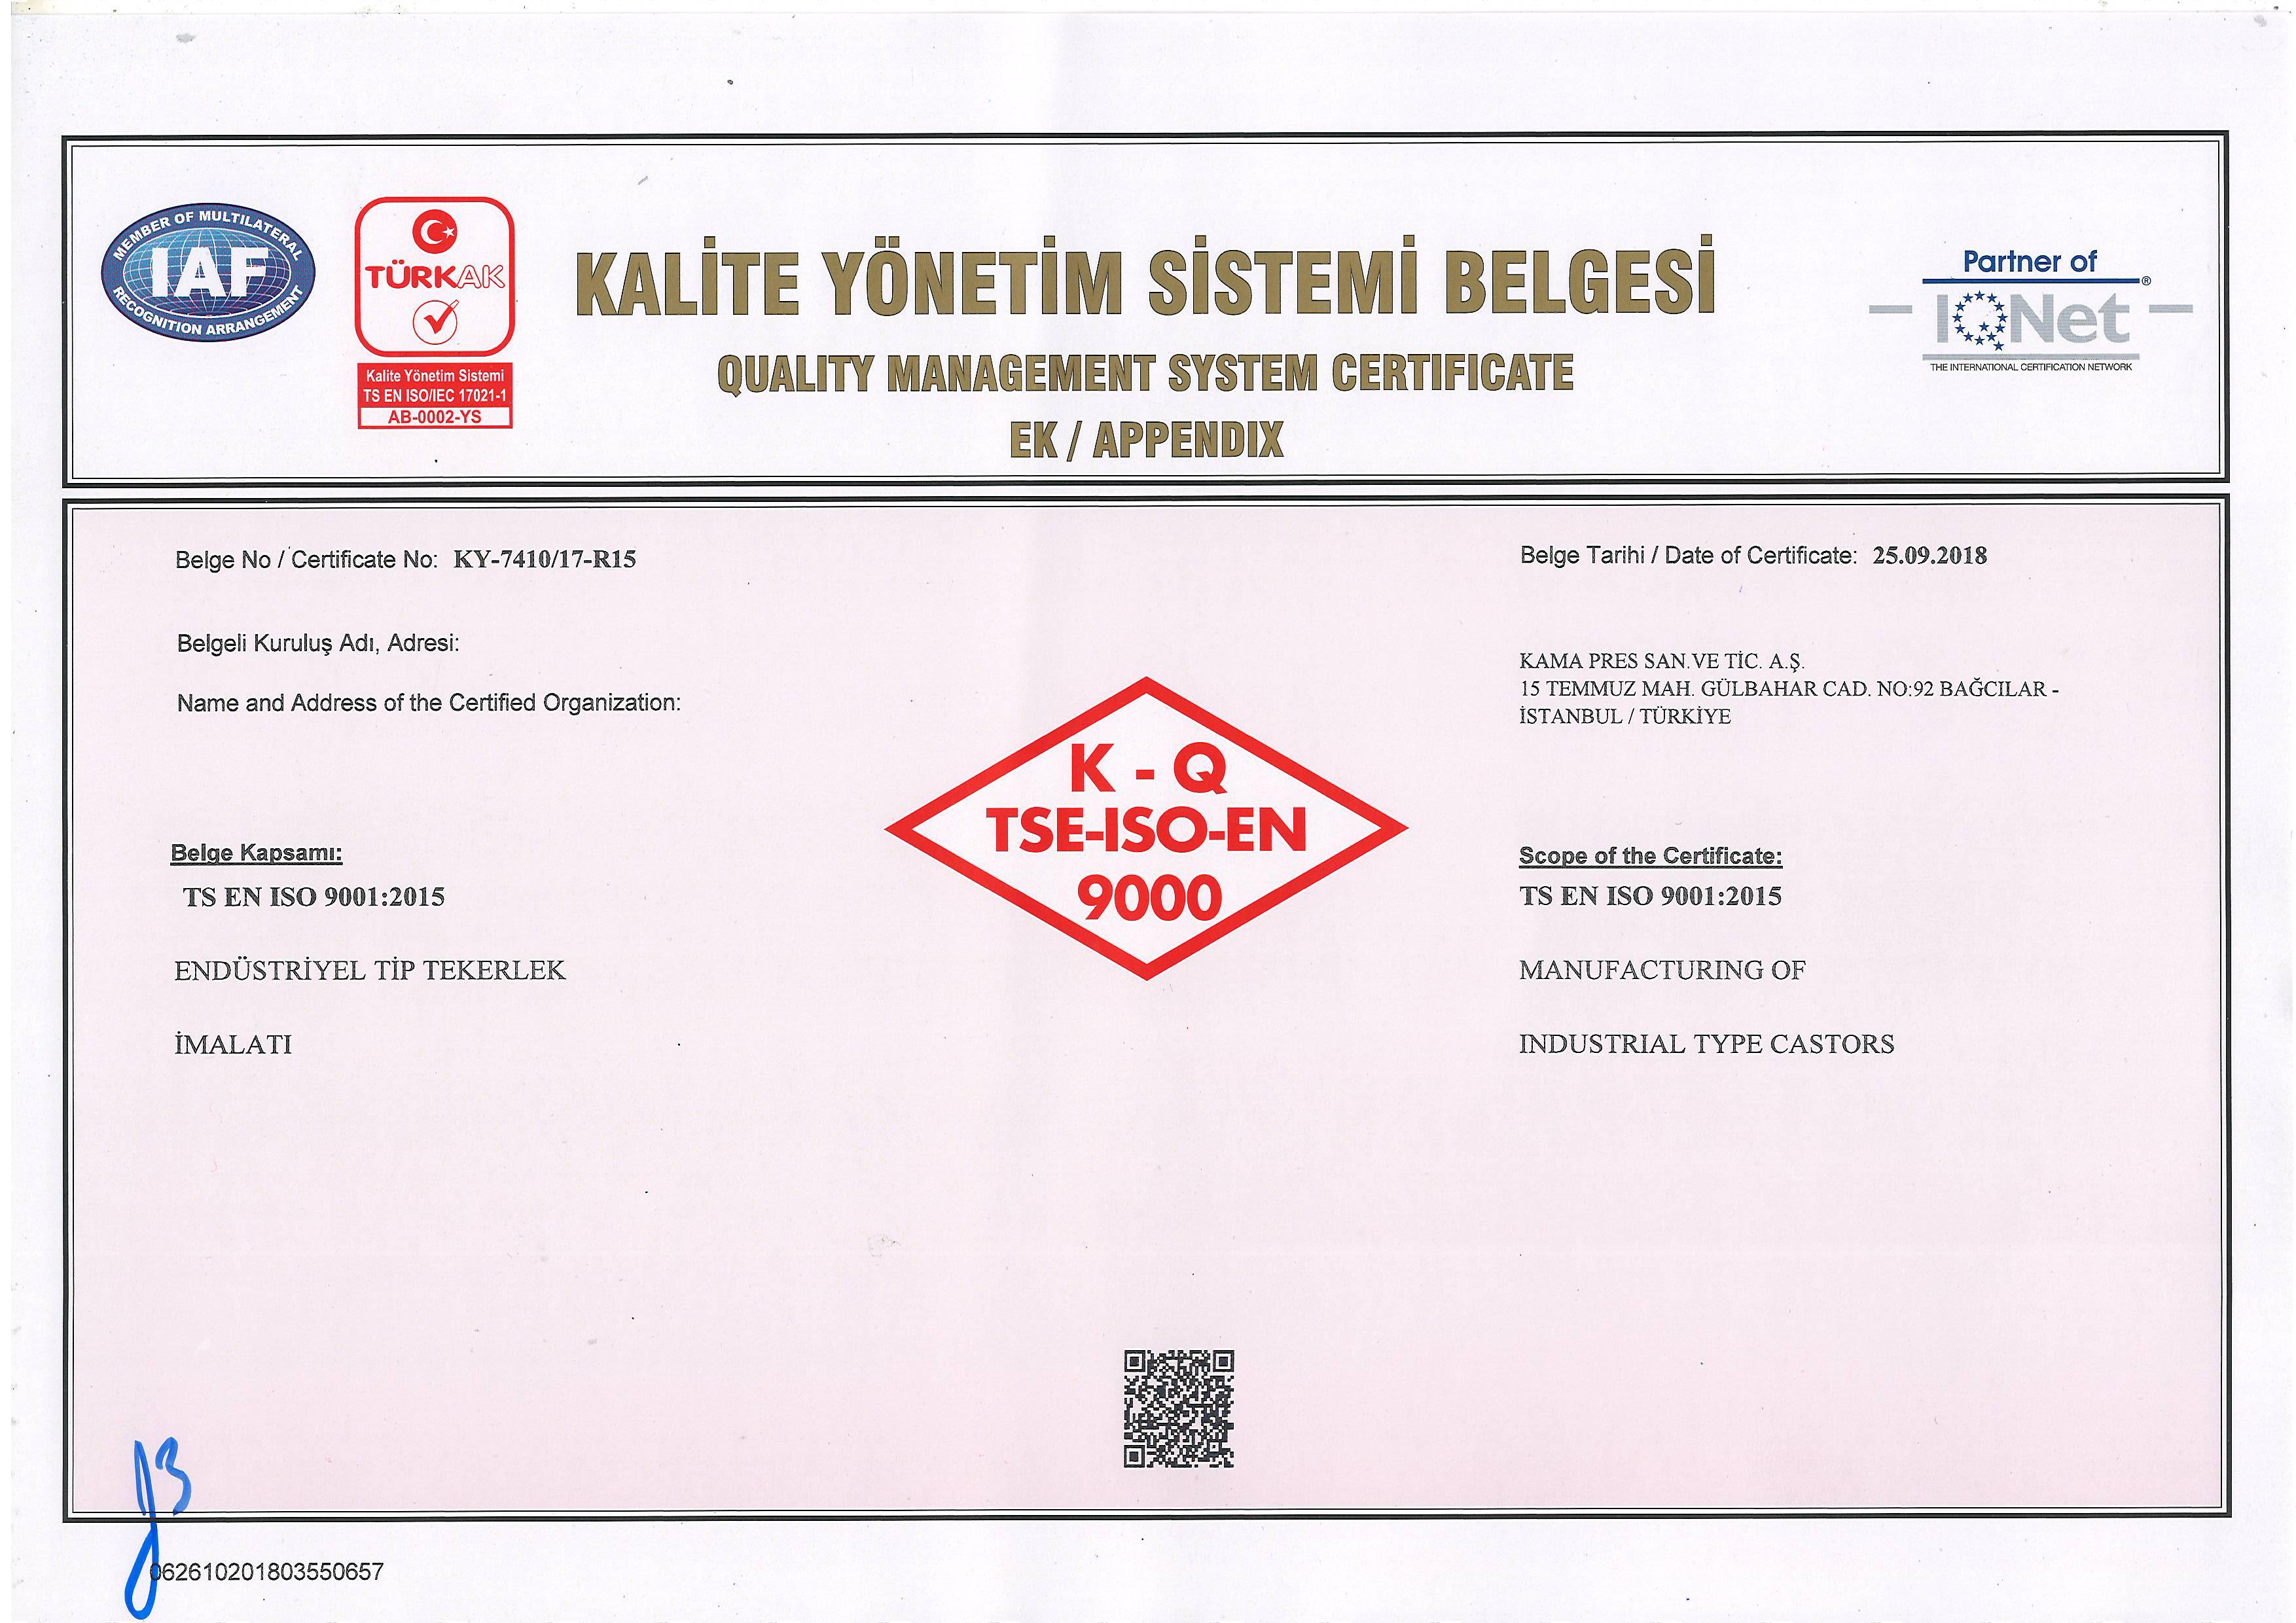 Kalite Yönetim Sistemi Belgesi Ek